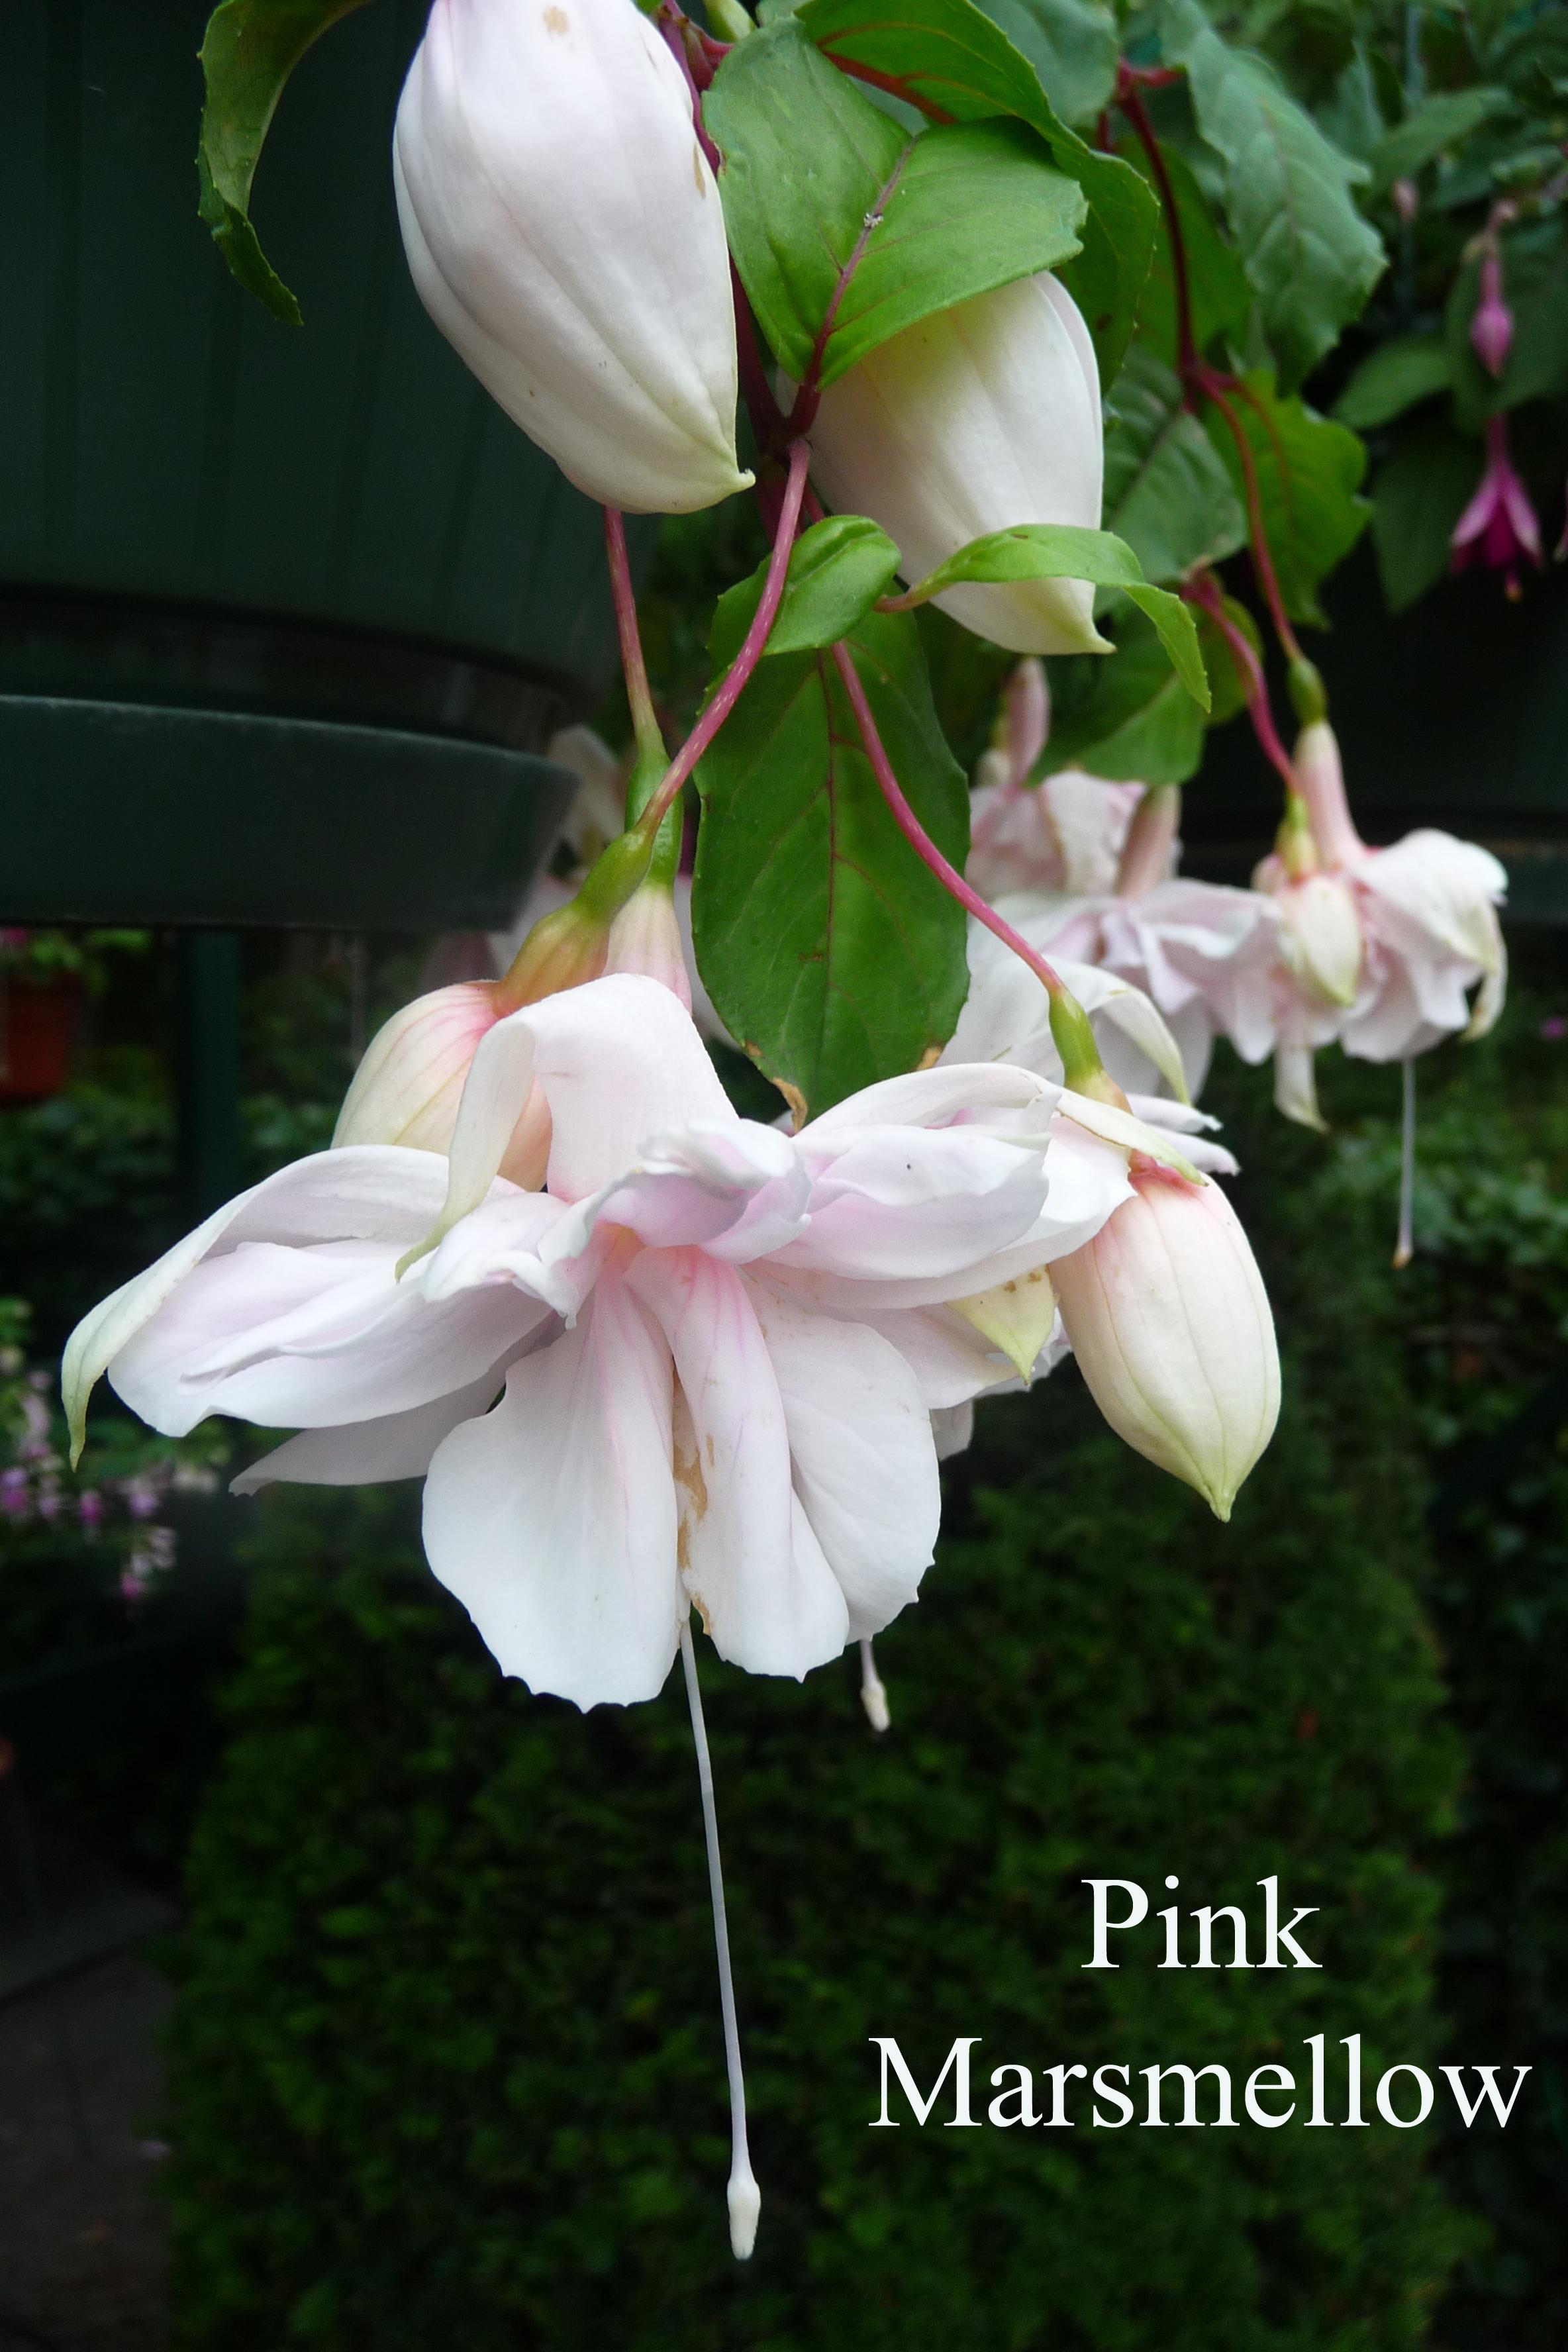 Pink Marsmellow